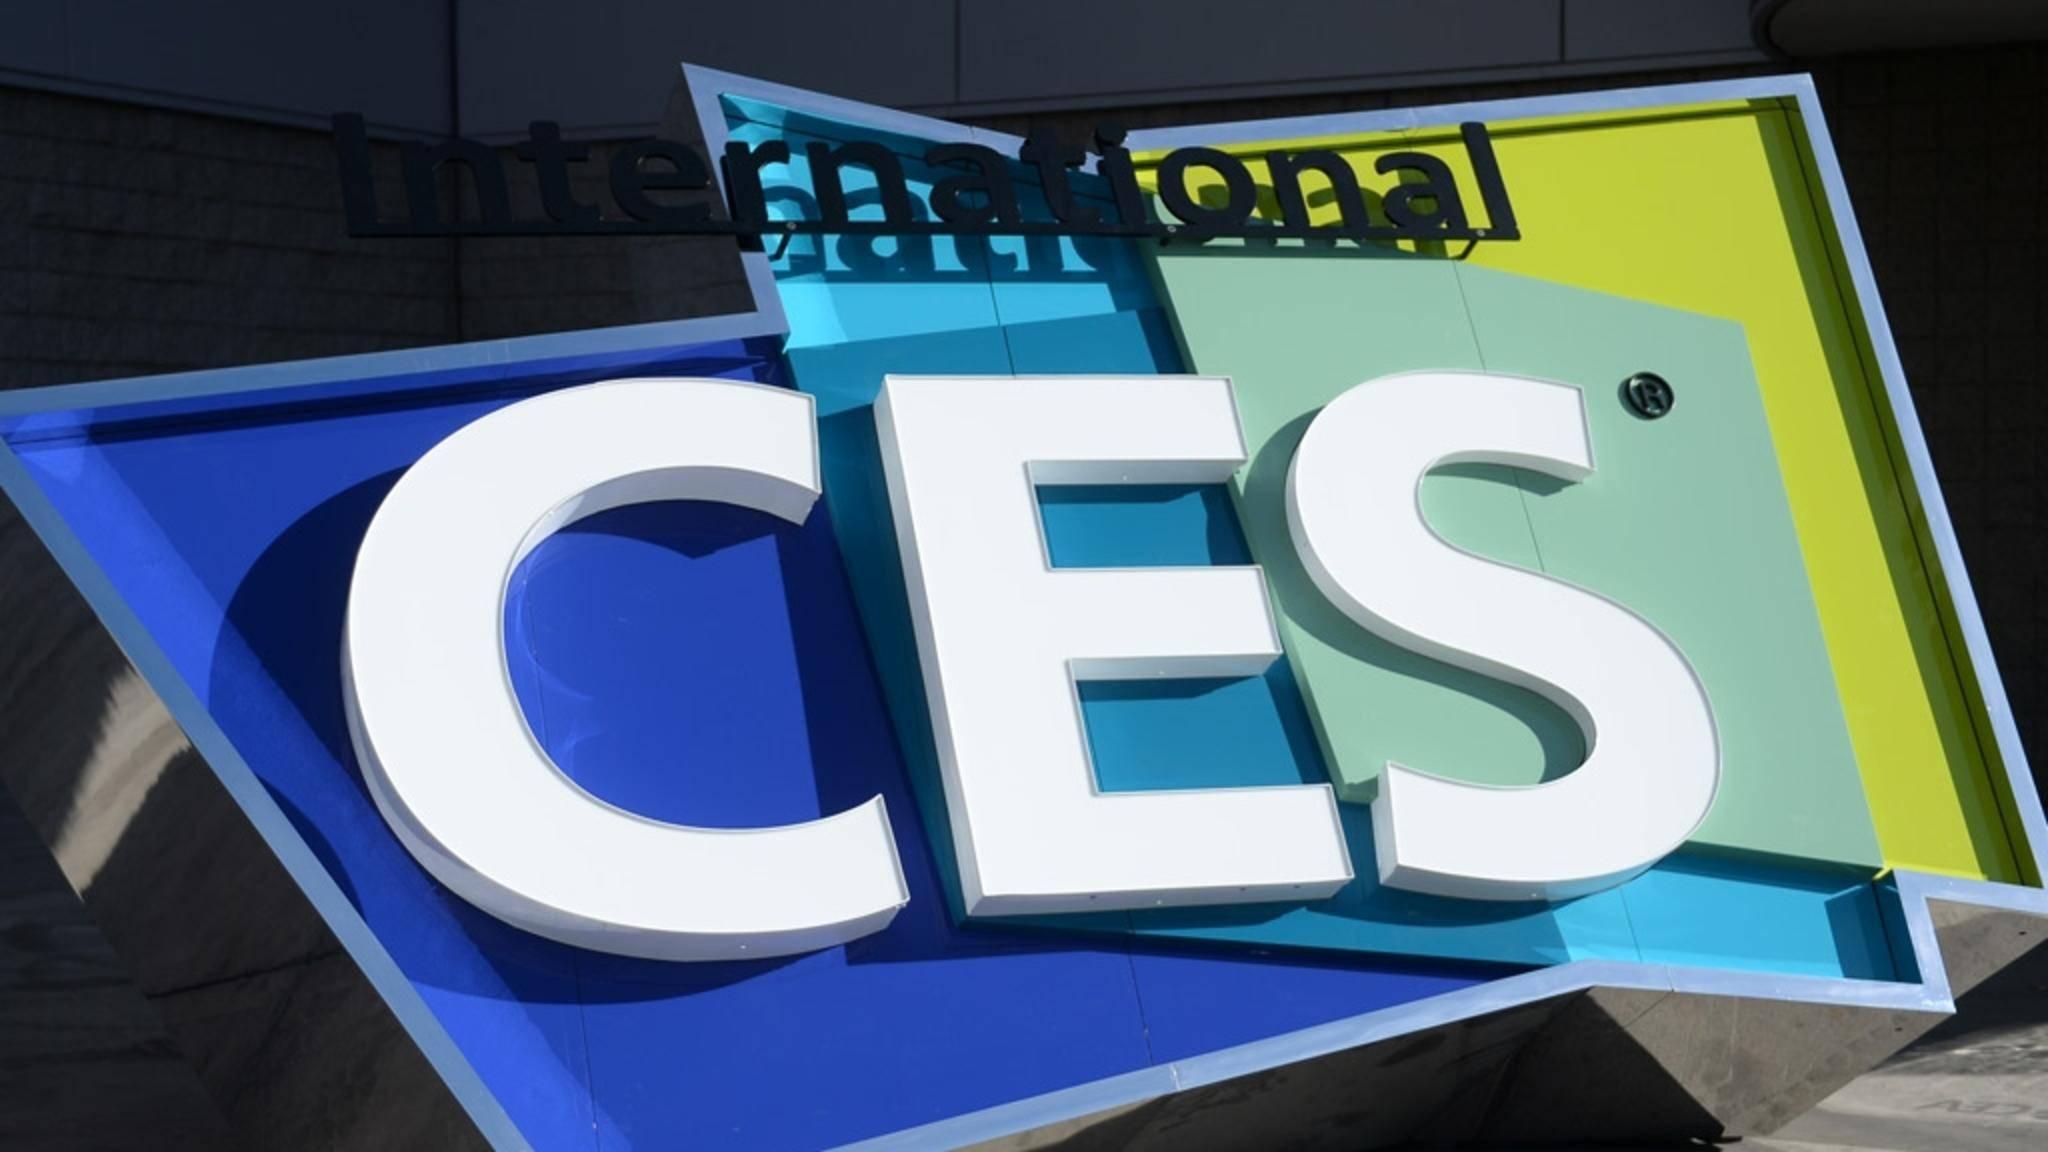 Die CES markiert den Einstieg ins neue Technik-Jahr.